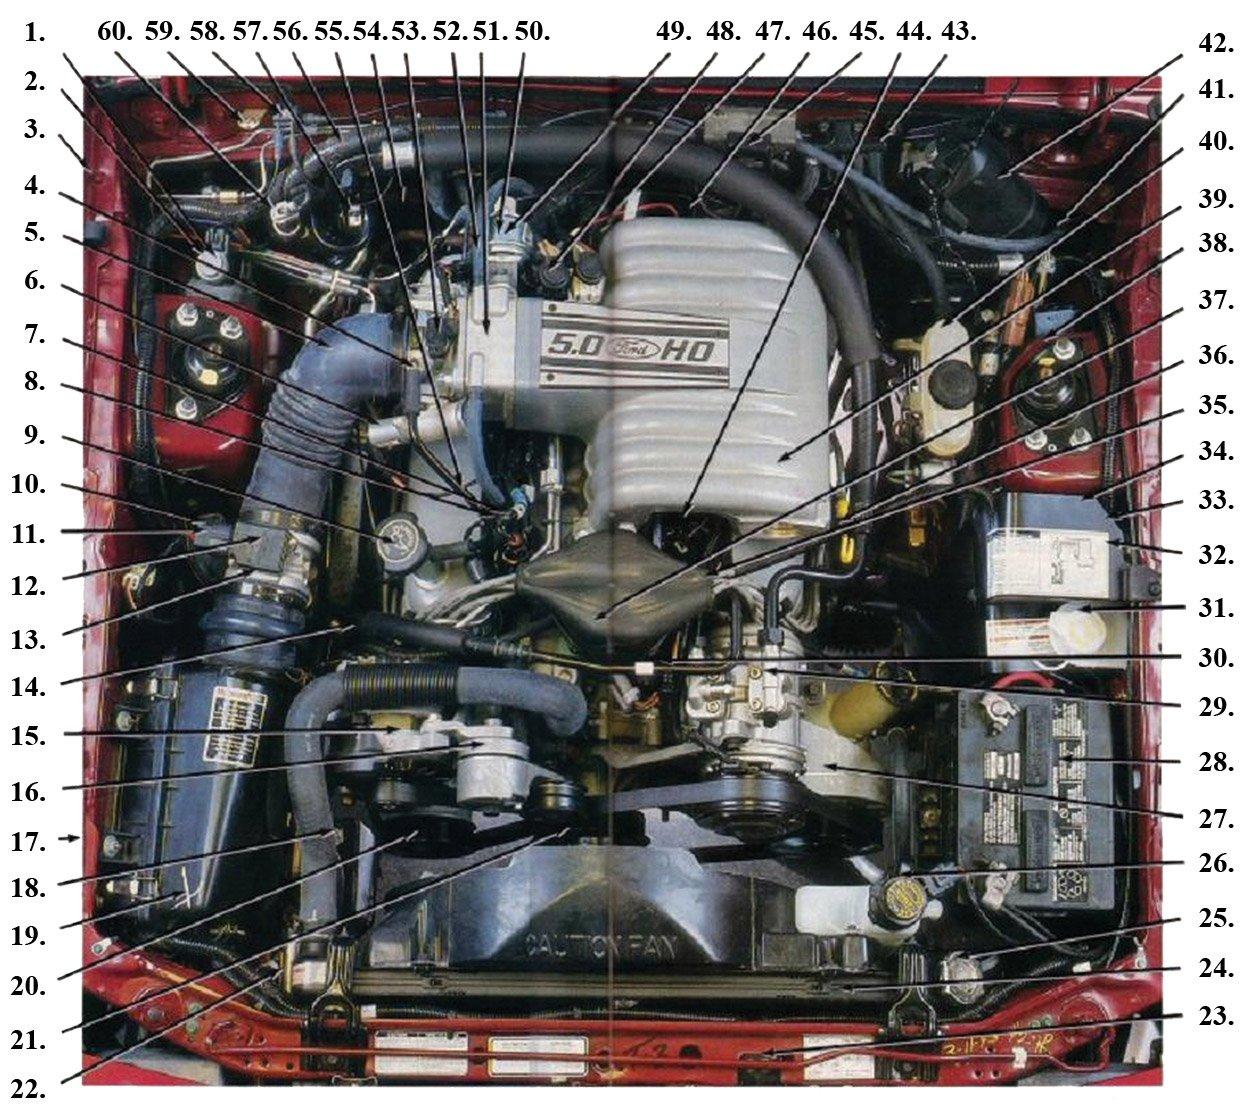 1989 Ford Aerostar Engine Diagram | New Wiring Resources 2019  Aerostar Wiring Diagram on